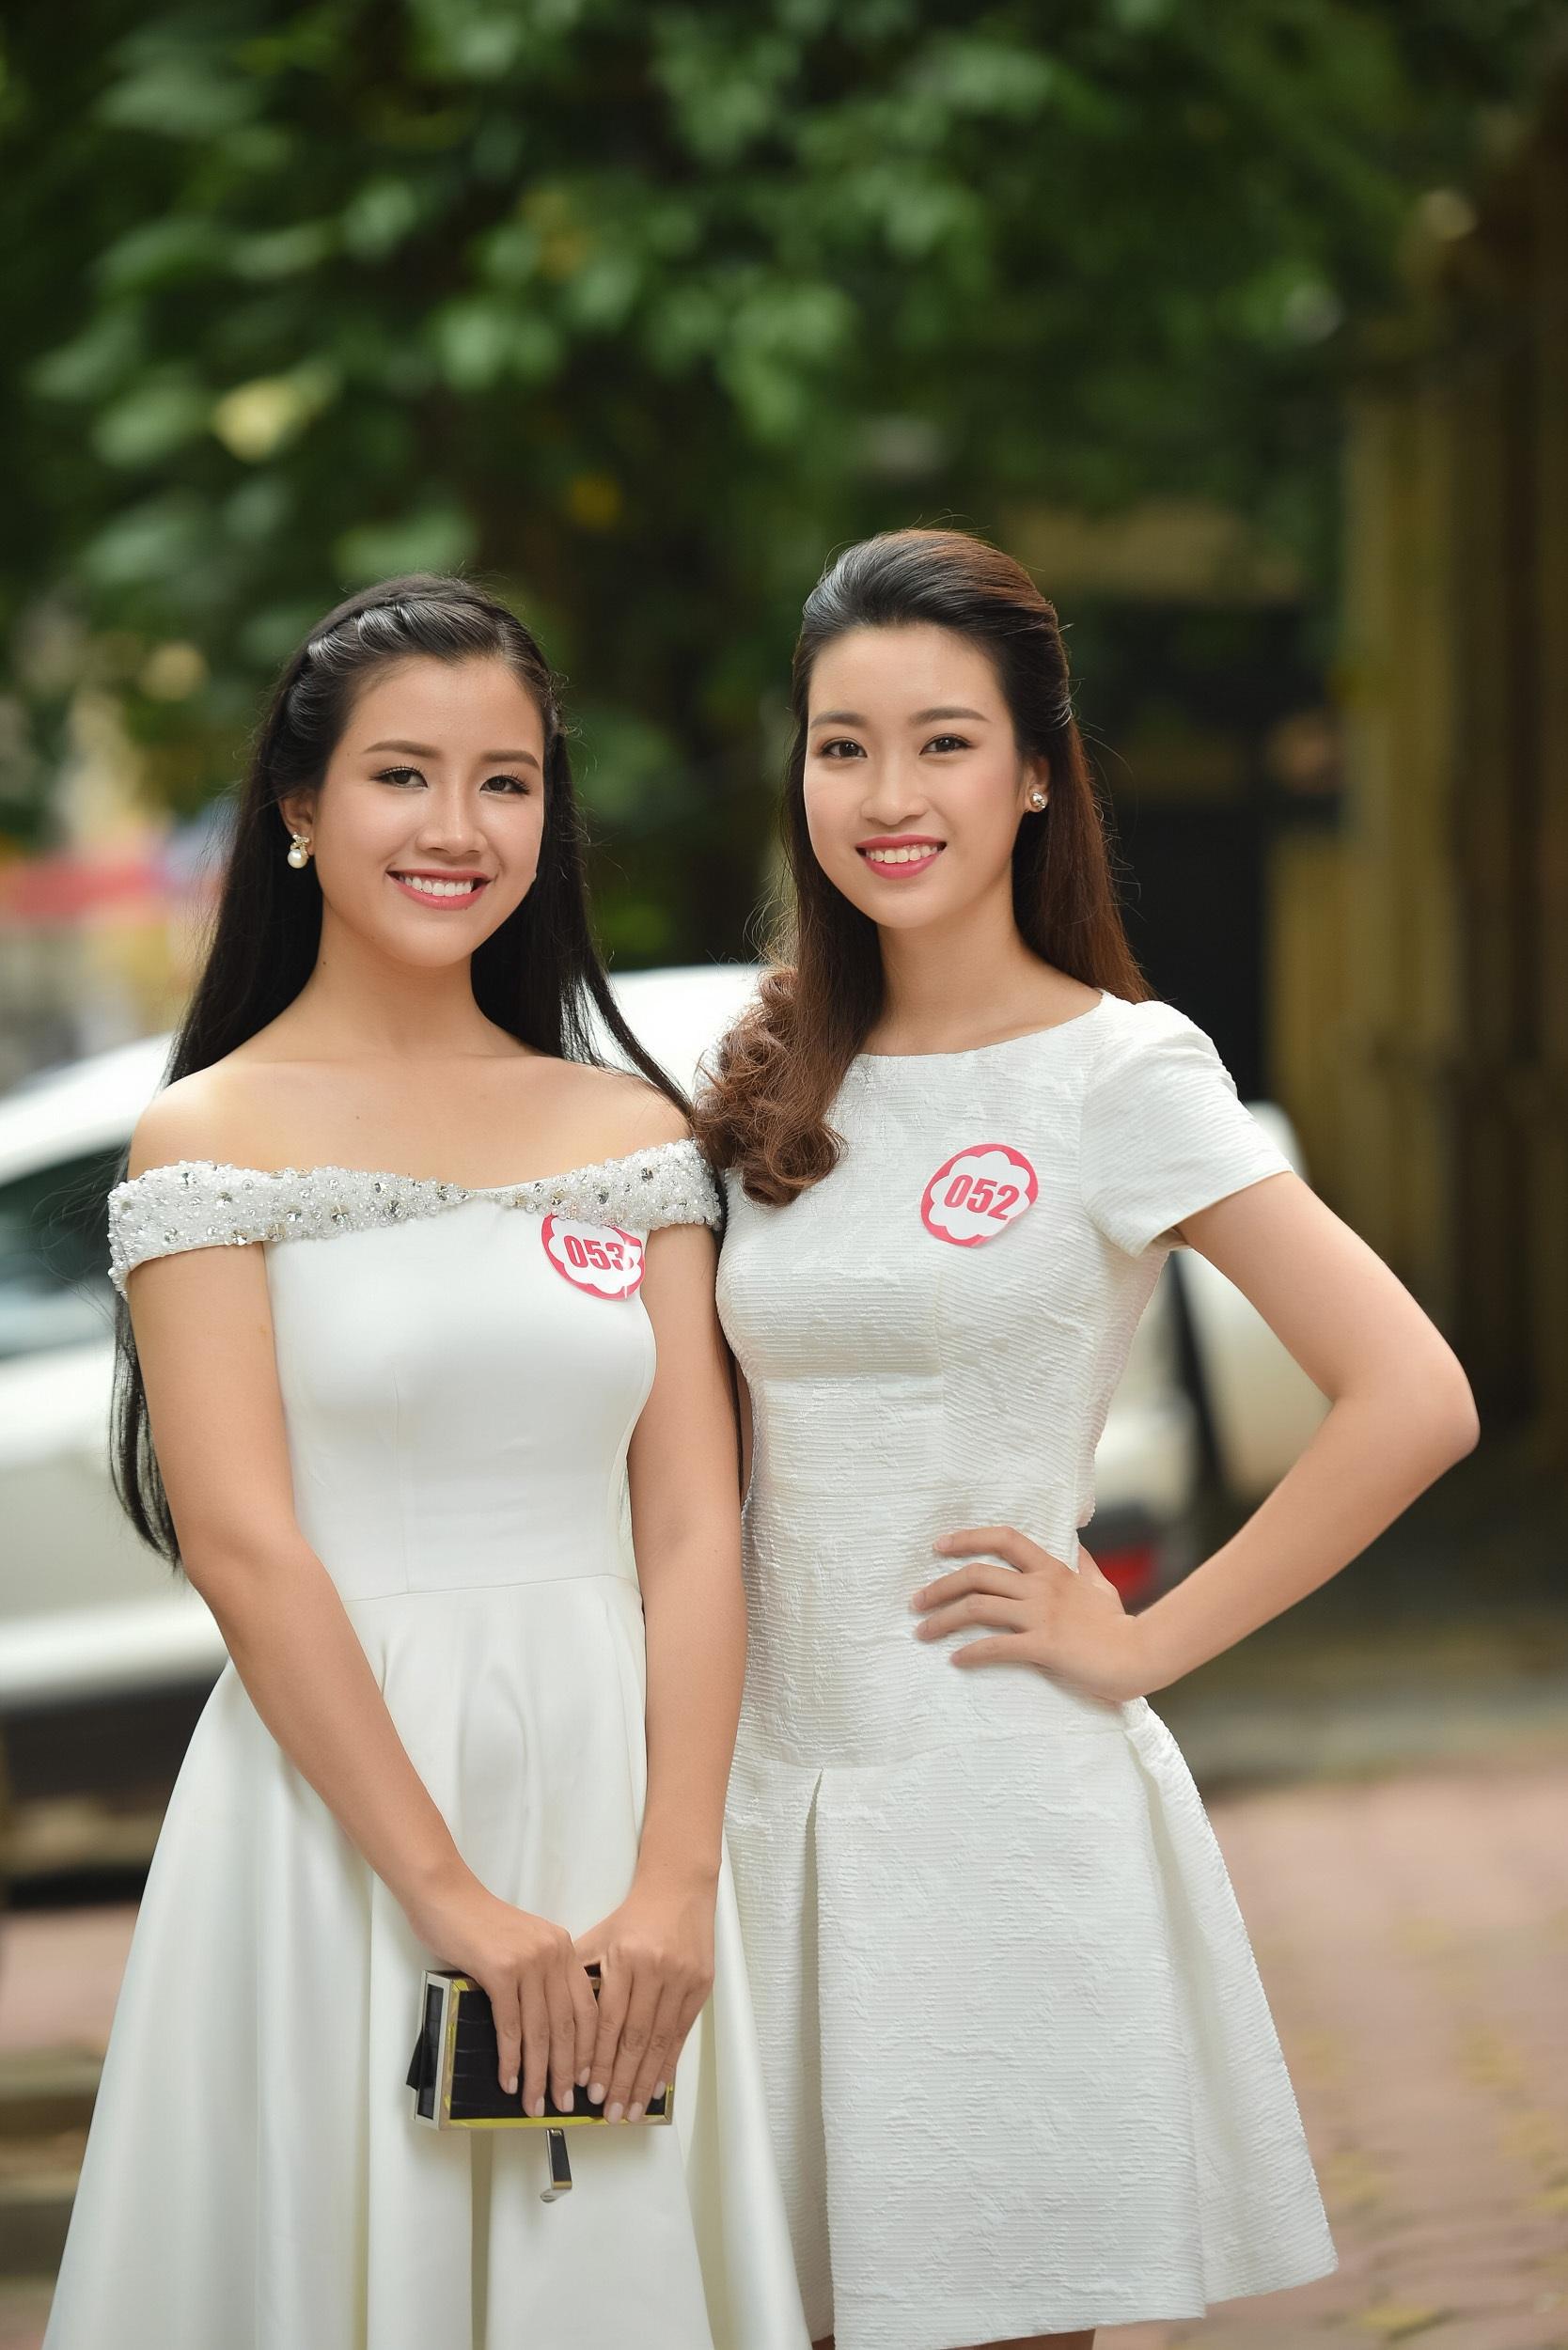 Trong đêm Chung kết Hoa hậu Việt Nam 2016 tối qua, do sức khoẻ của bố Mỹ Linh không được tốt nên chỉ có mẹ cùng một vài người thân bay từ Hà Nội vào cổ vũ.